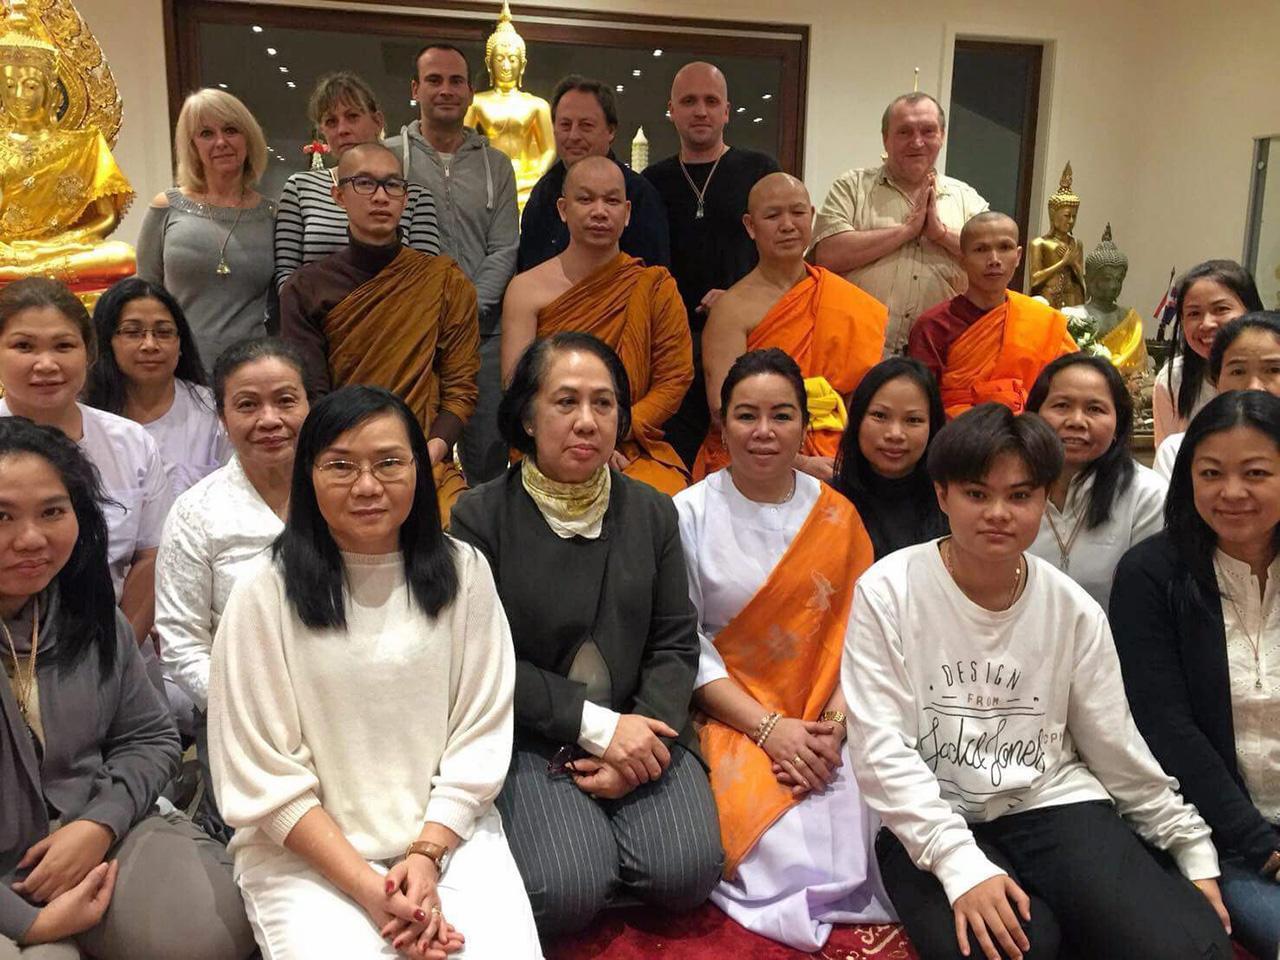 พลังไทย พระราชวิสุทธิวิเทศ เจ้าอาวาสวัดไทยธรรมาราม เมืองวอเตอร์ลู ประเทศเบลเยียม ถ่ายภาพร่วมกับชาวไทยและชาวต่างชาติในเบลเยียม เนเธอร์แลนด์ และลักเซมเบิร์ก ไปร่วมสวดมนต์ข้ามปีที่วัดไทยธรรมาราม.